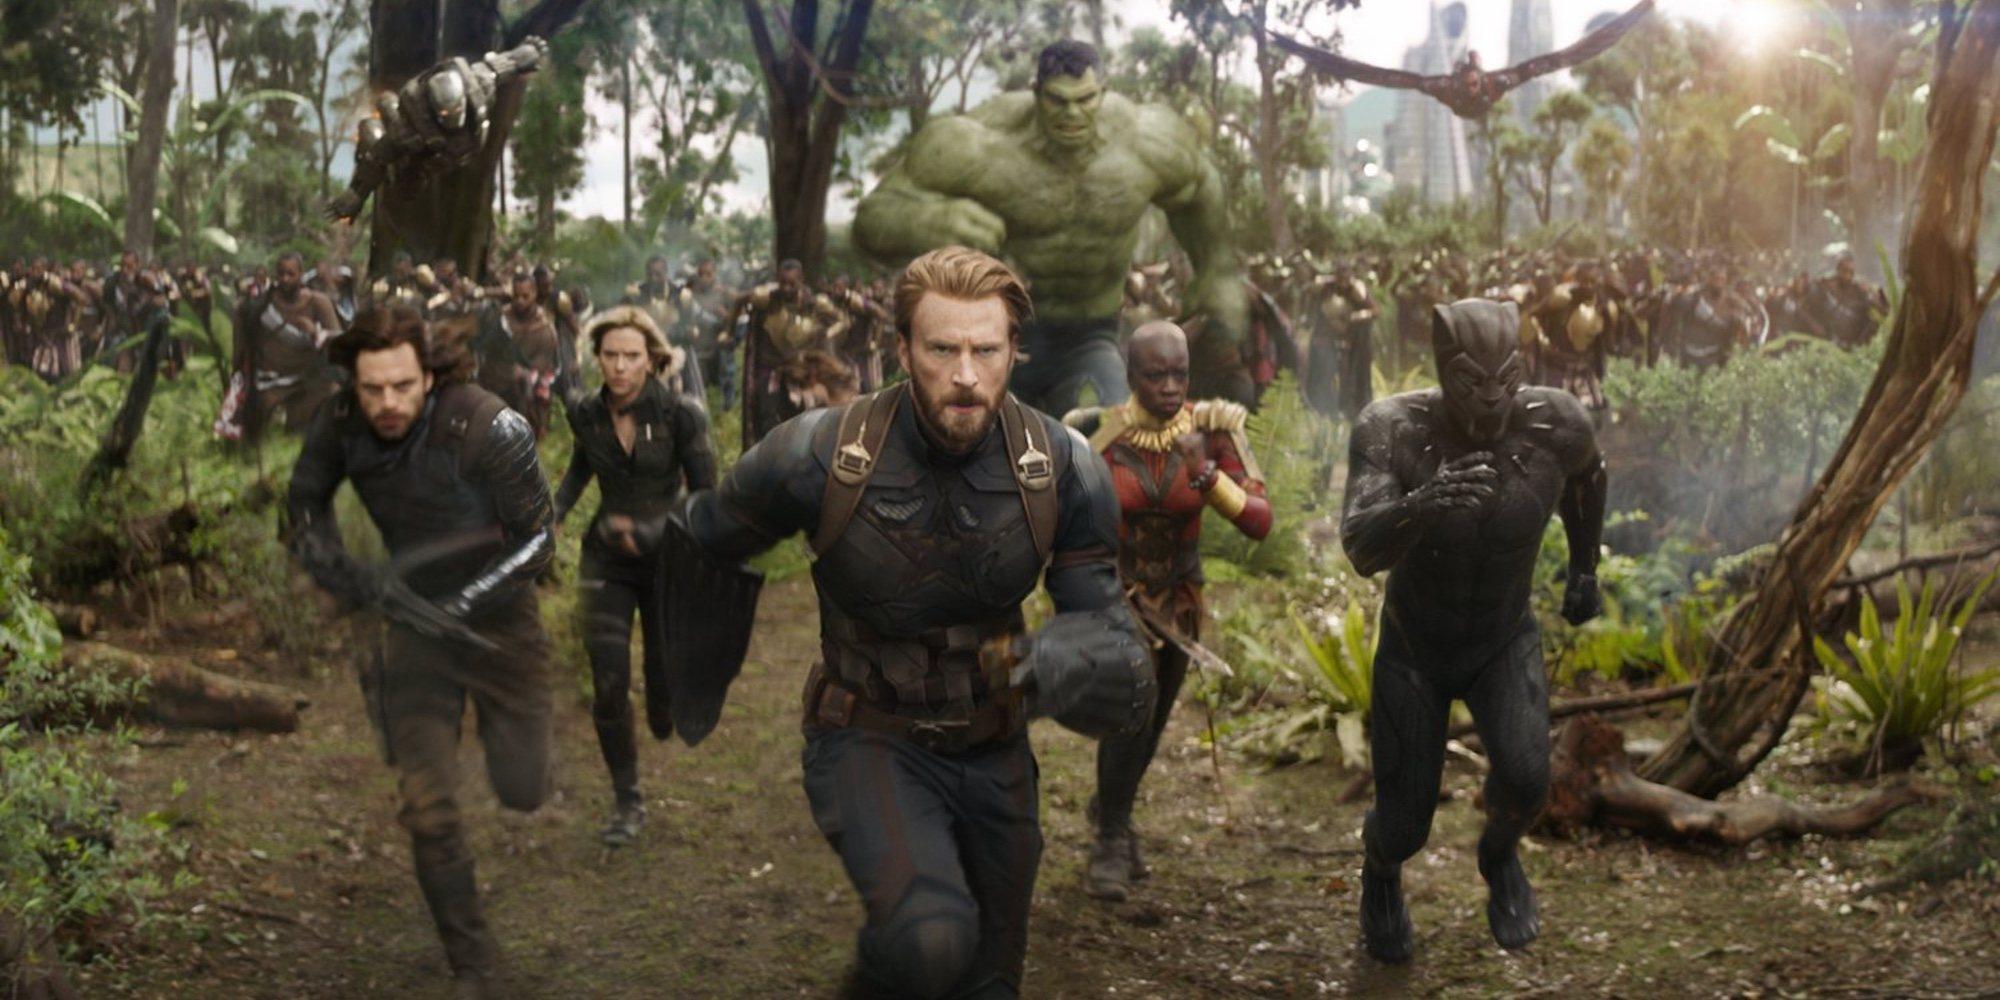 'Vengadores: Infinity War' y '7 días en Entebbe', protagonistas de los estrenos de cine de esta semana